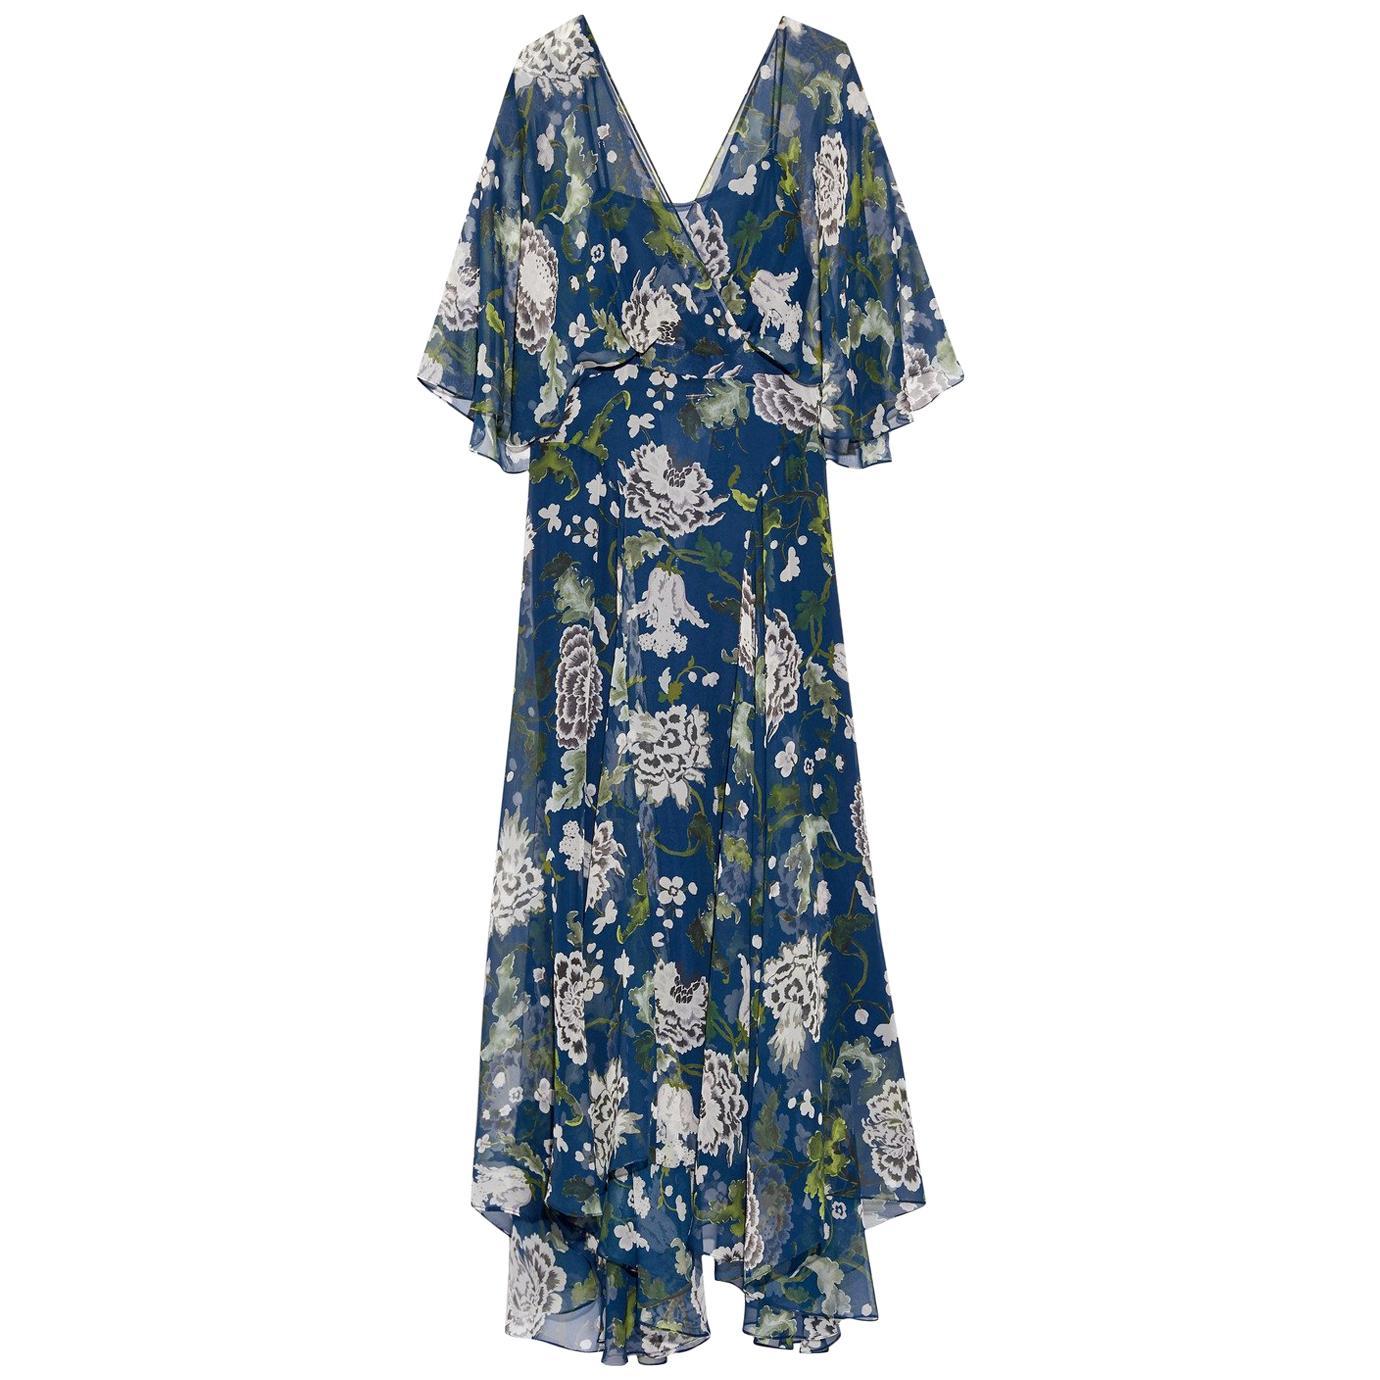 Green floral print chiffon maxi dress